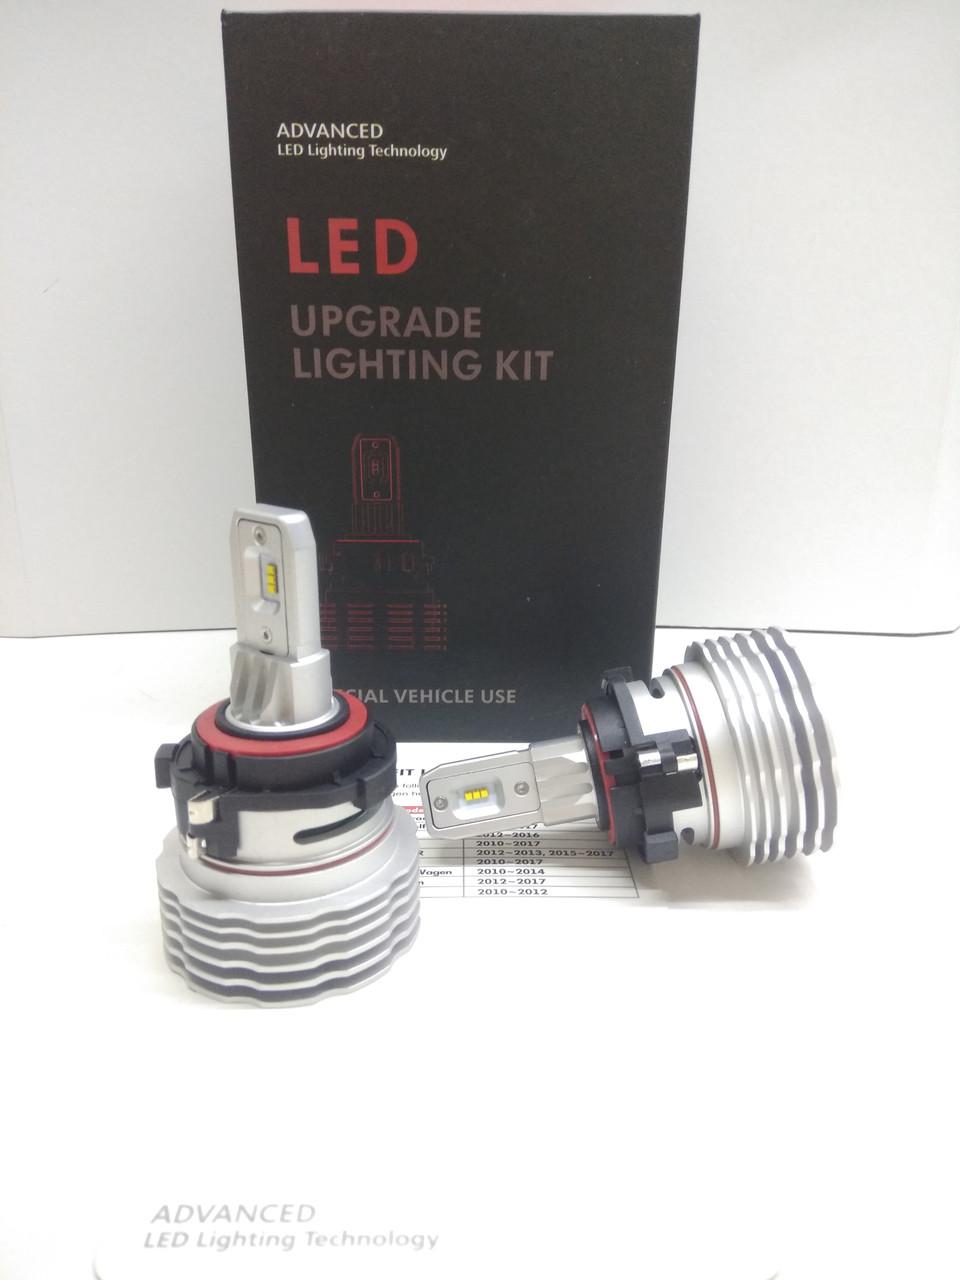 Светодионые автолампы LED Volkswagen H7 Lumileds Luxeon ZES, CANBUS, 6000K